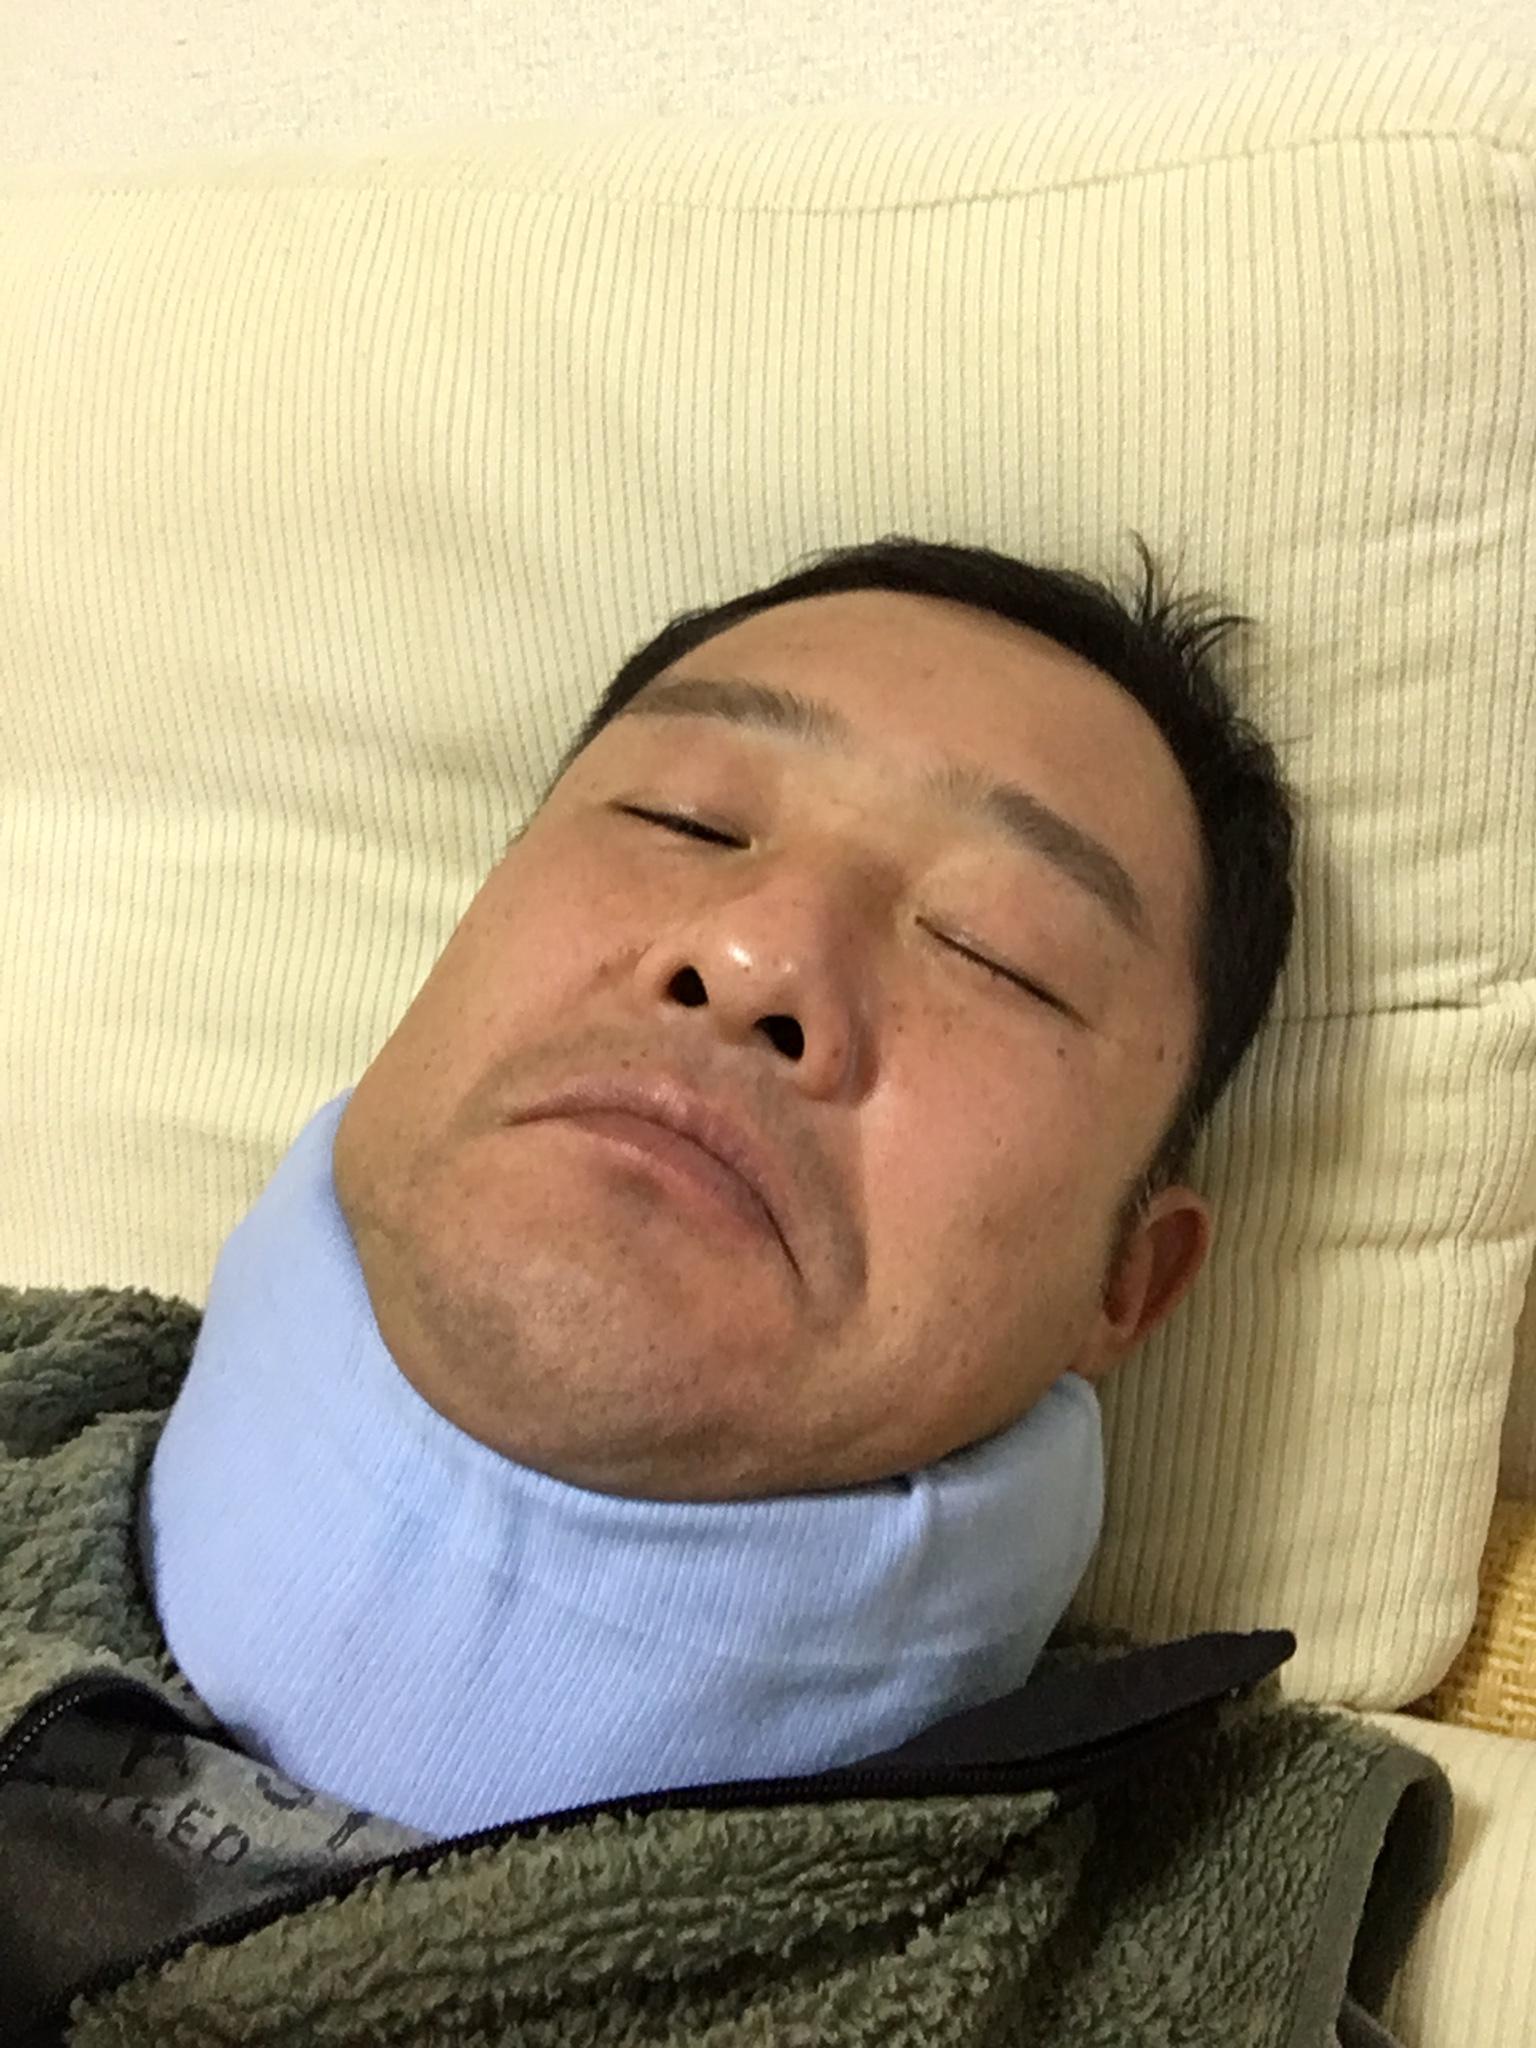 首、やっちまった…【脊髄空洞症】で手術した場所が激痛で動けない。